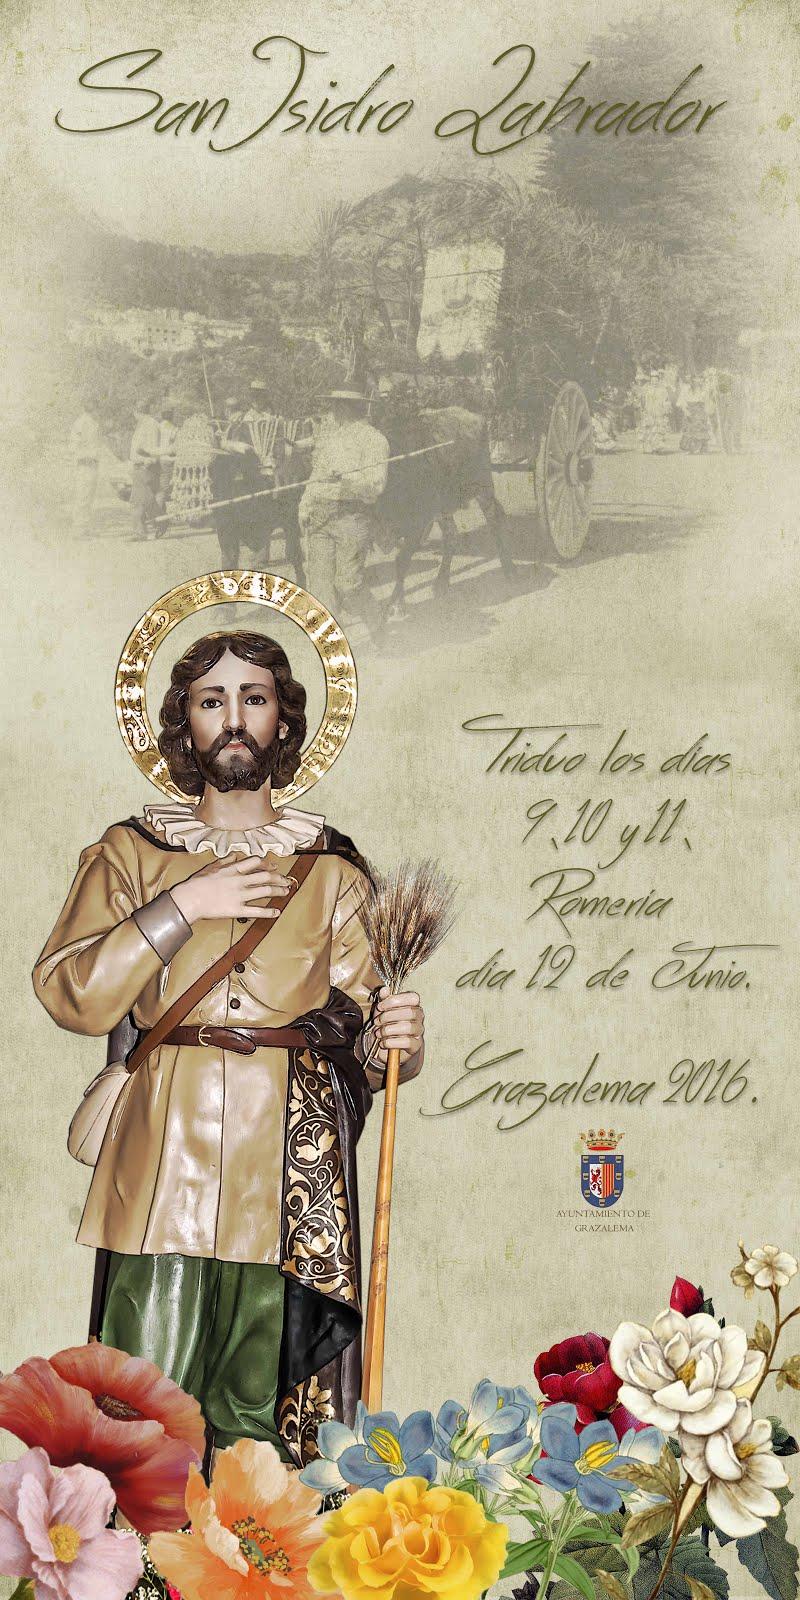 Romería de Grazalema 12 de junio